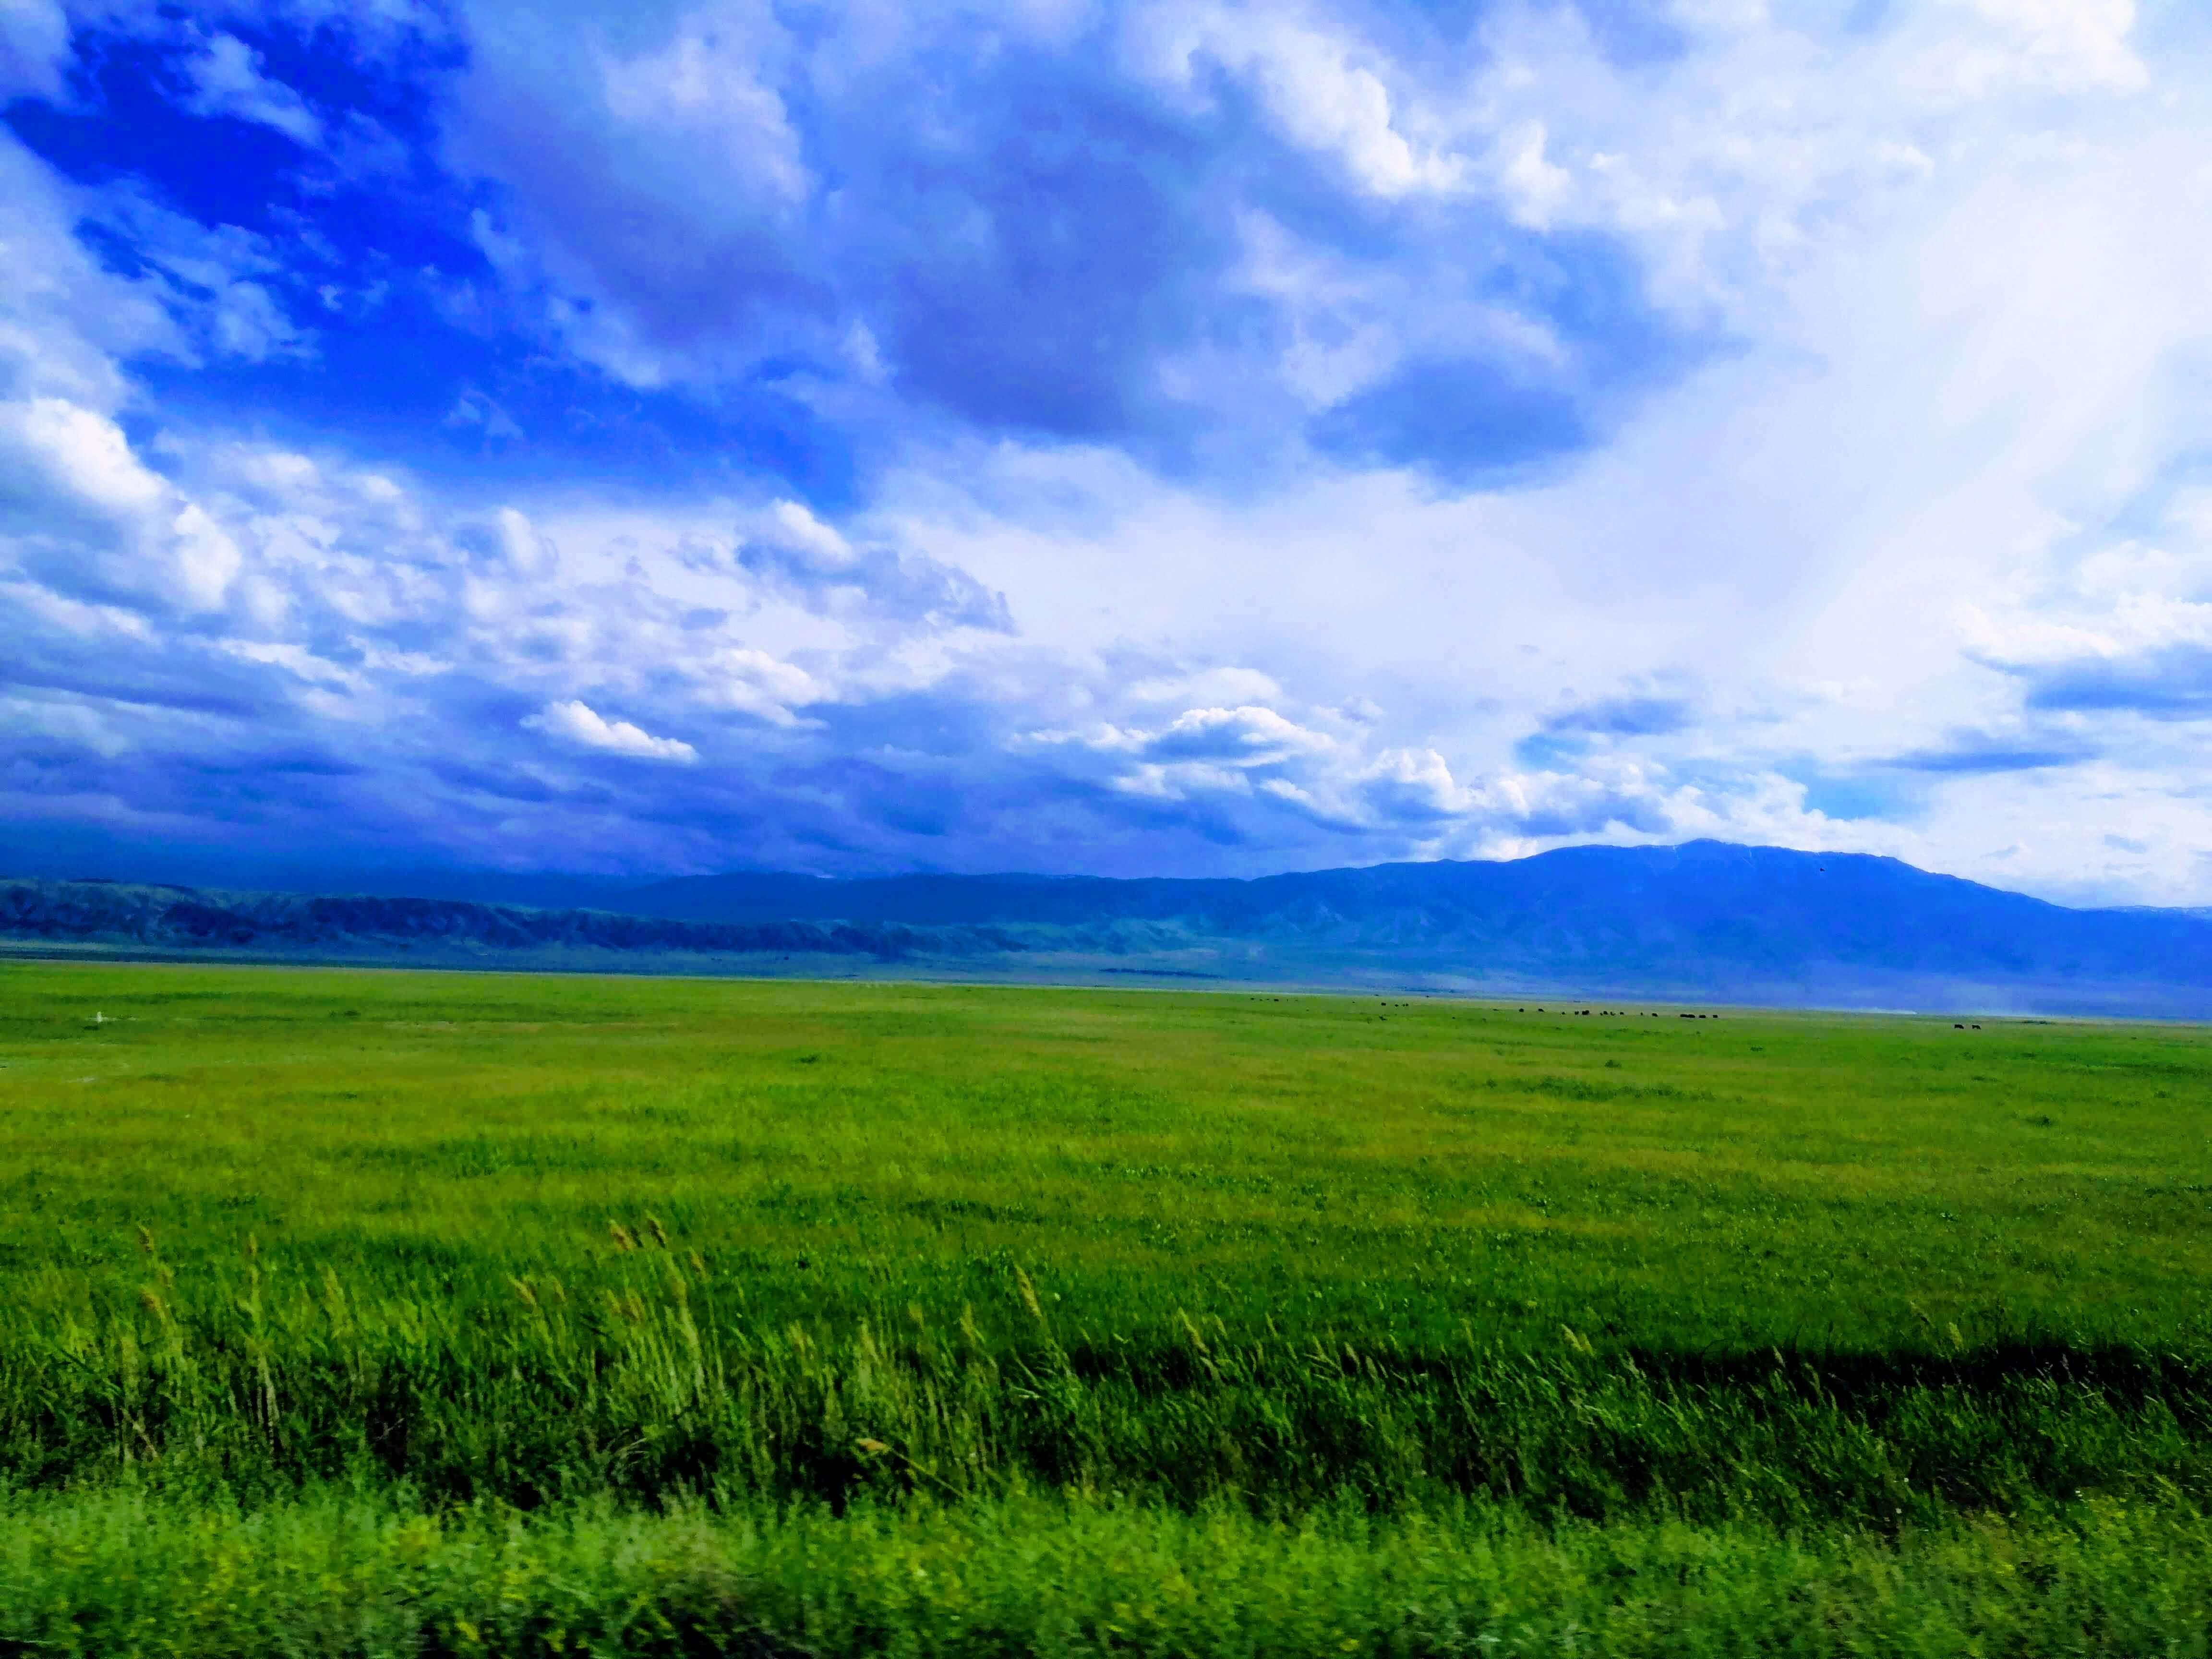 キルギスの青い空と緑の草原